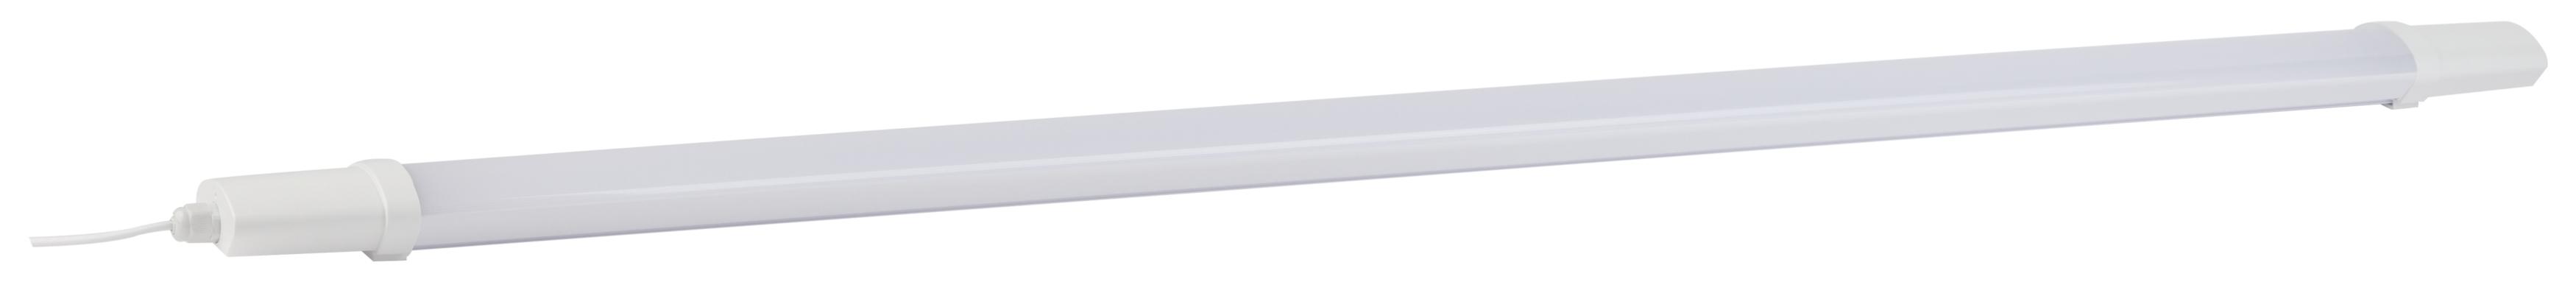 Светильник LED ЭРА IP 1200*64*40 36Вт - фото